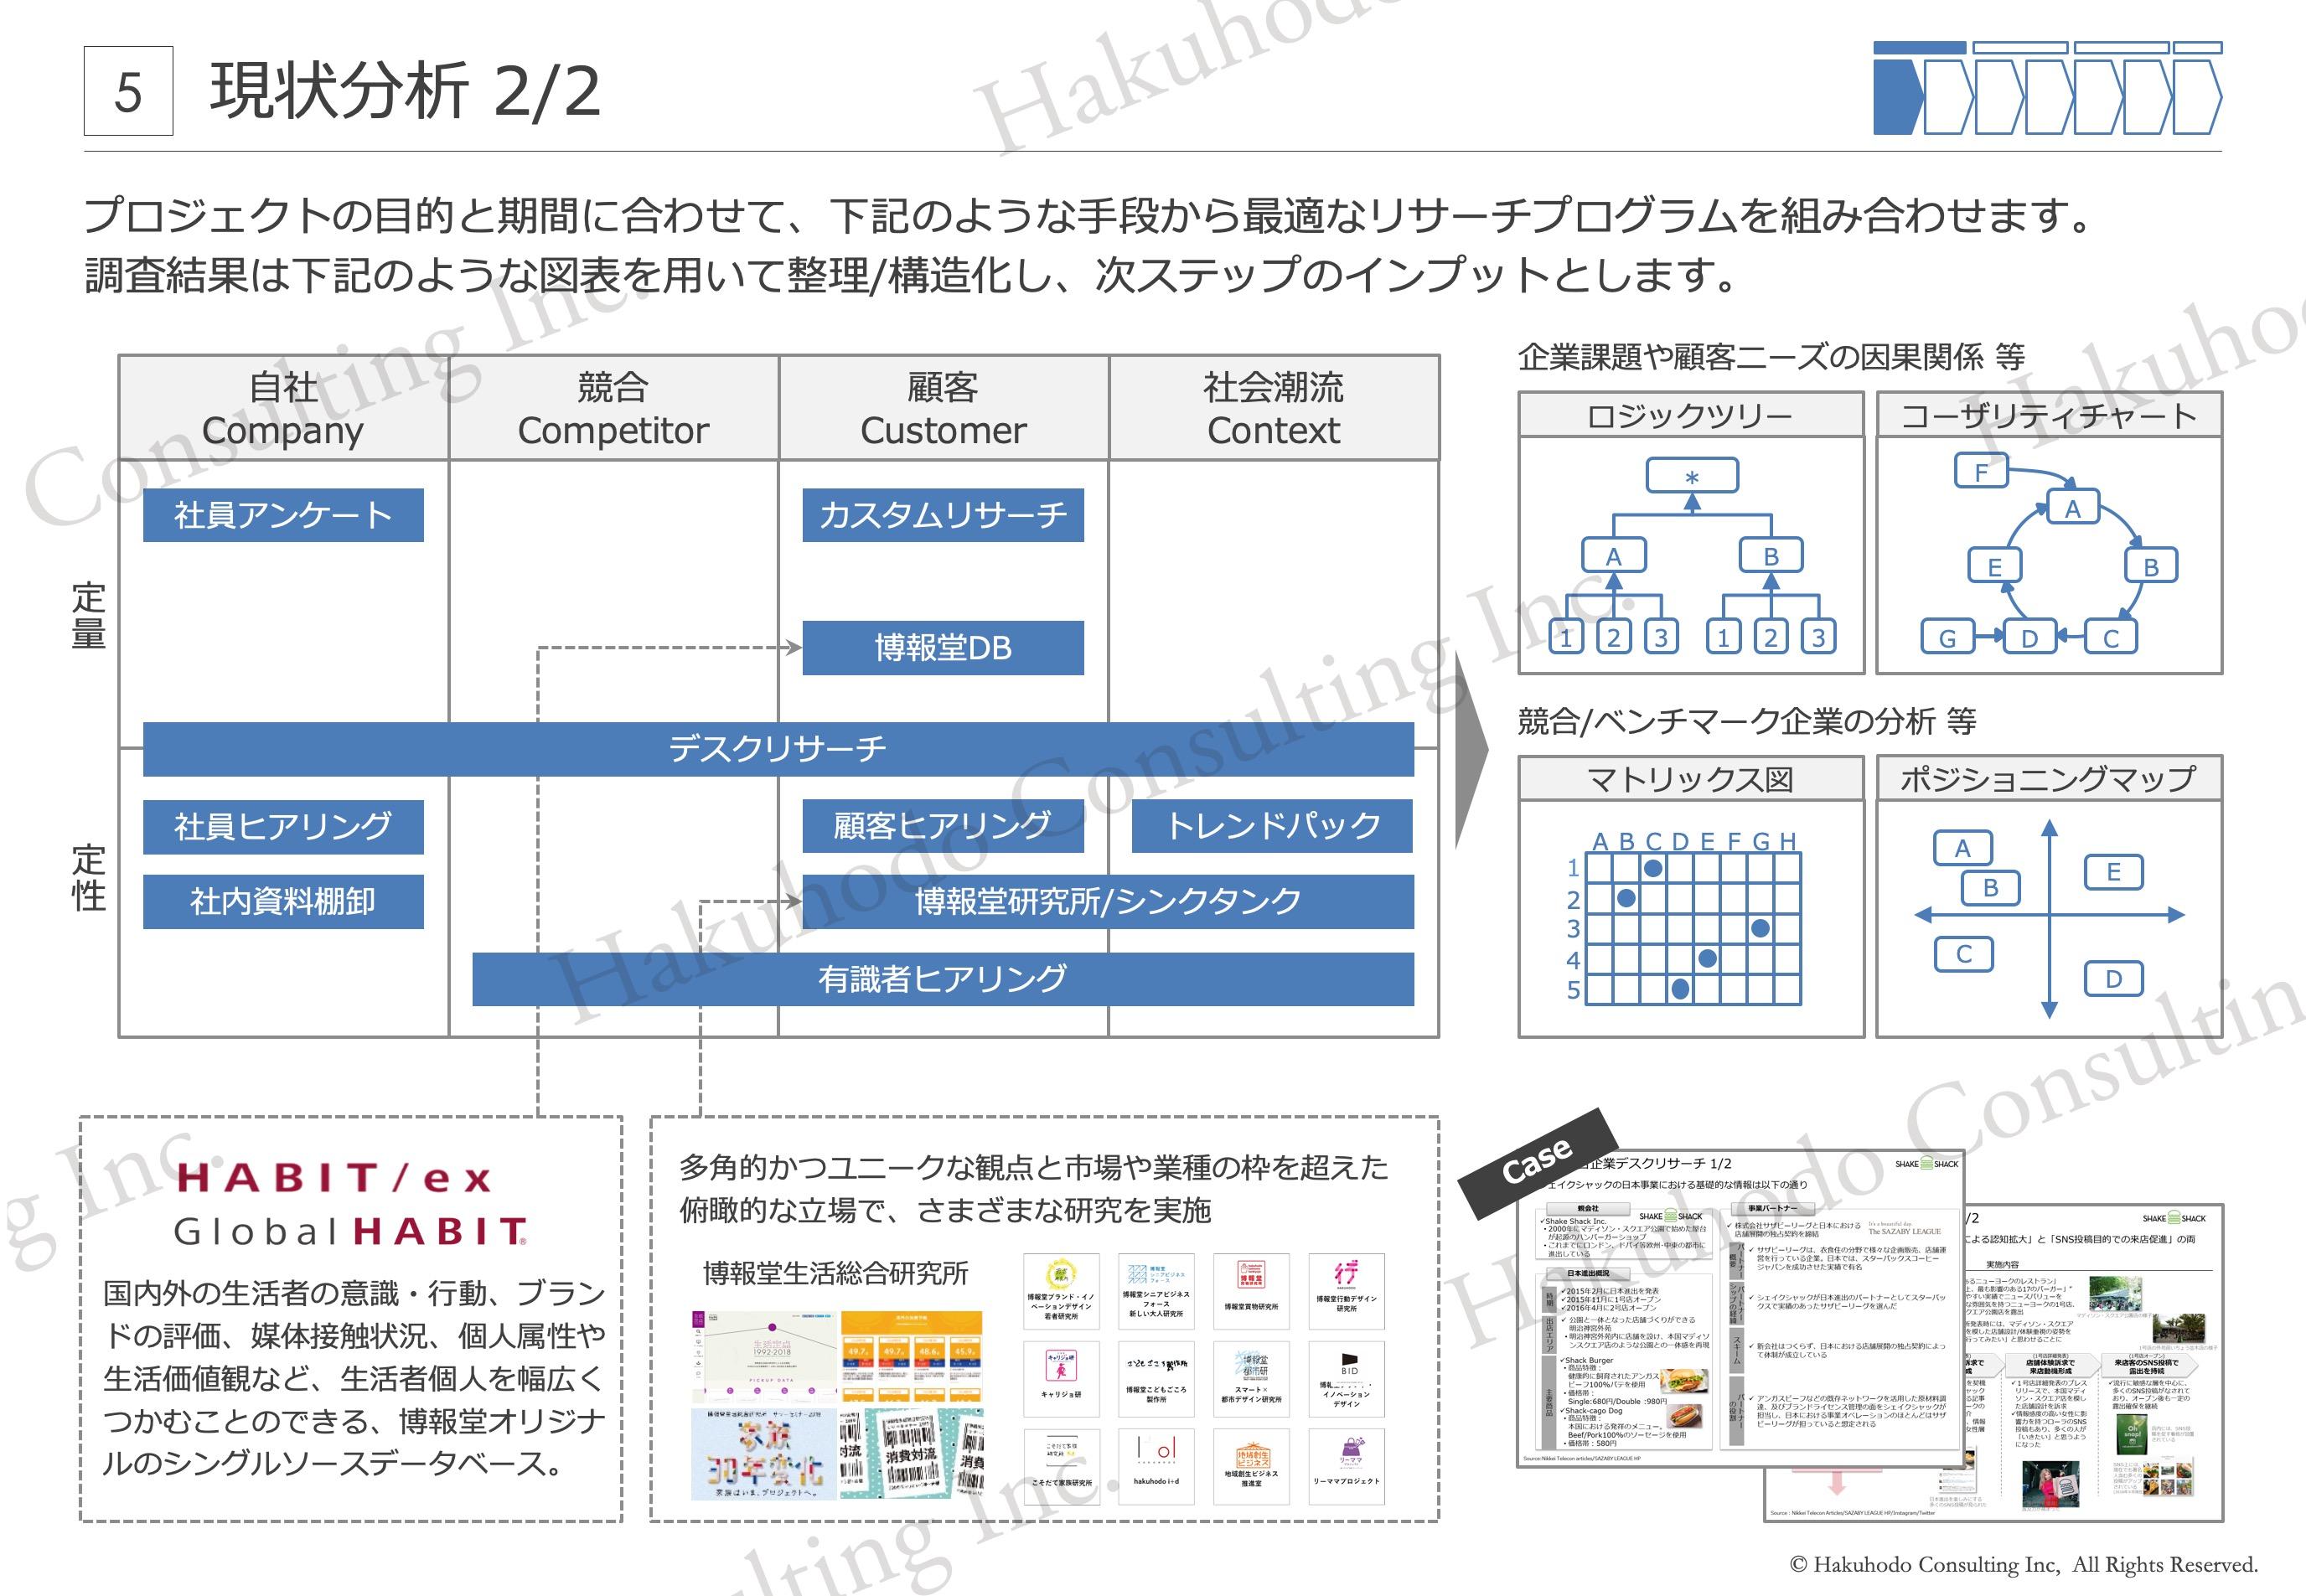 プロジェクトの目的と期間に合わせて、下記のような手段から最適なリサーチプログラムを組み合わせます。調査結果は下記のような図表を用いて整理/構造化し、次ステップのインプットとします。